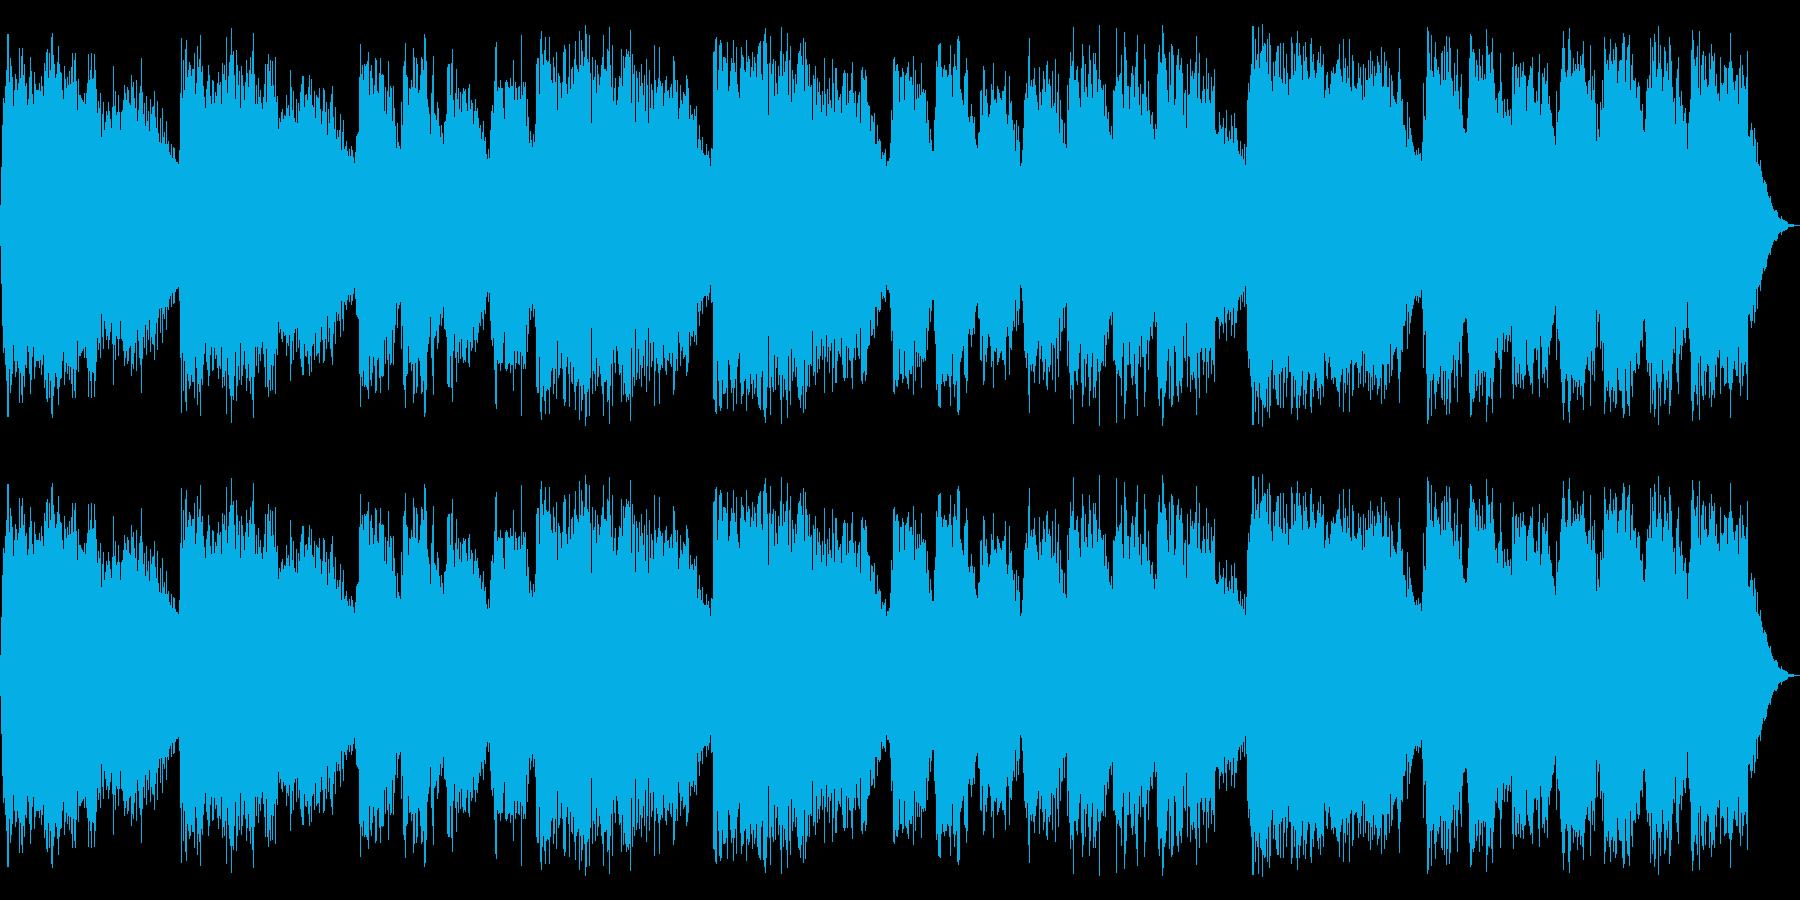 ミステリアスでダークな楽曲 恐怖感の演出の再生済みの波形